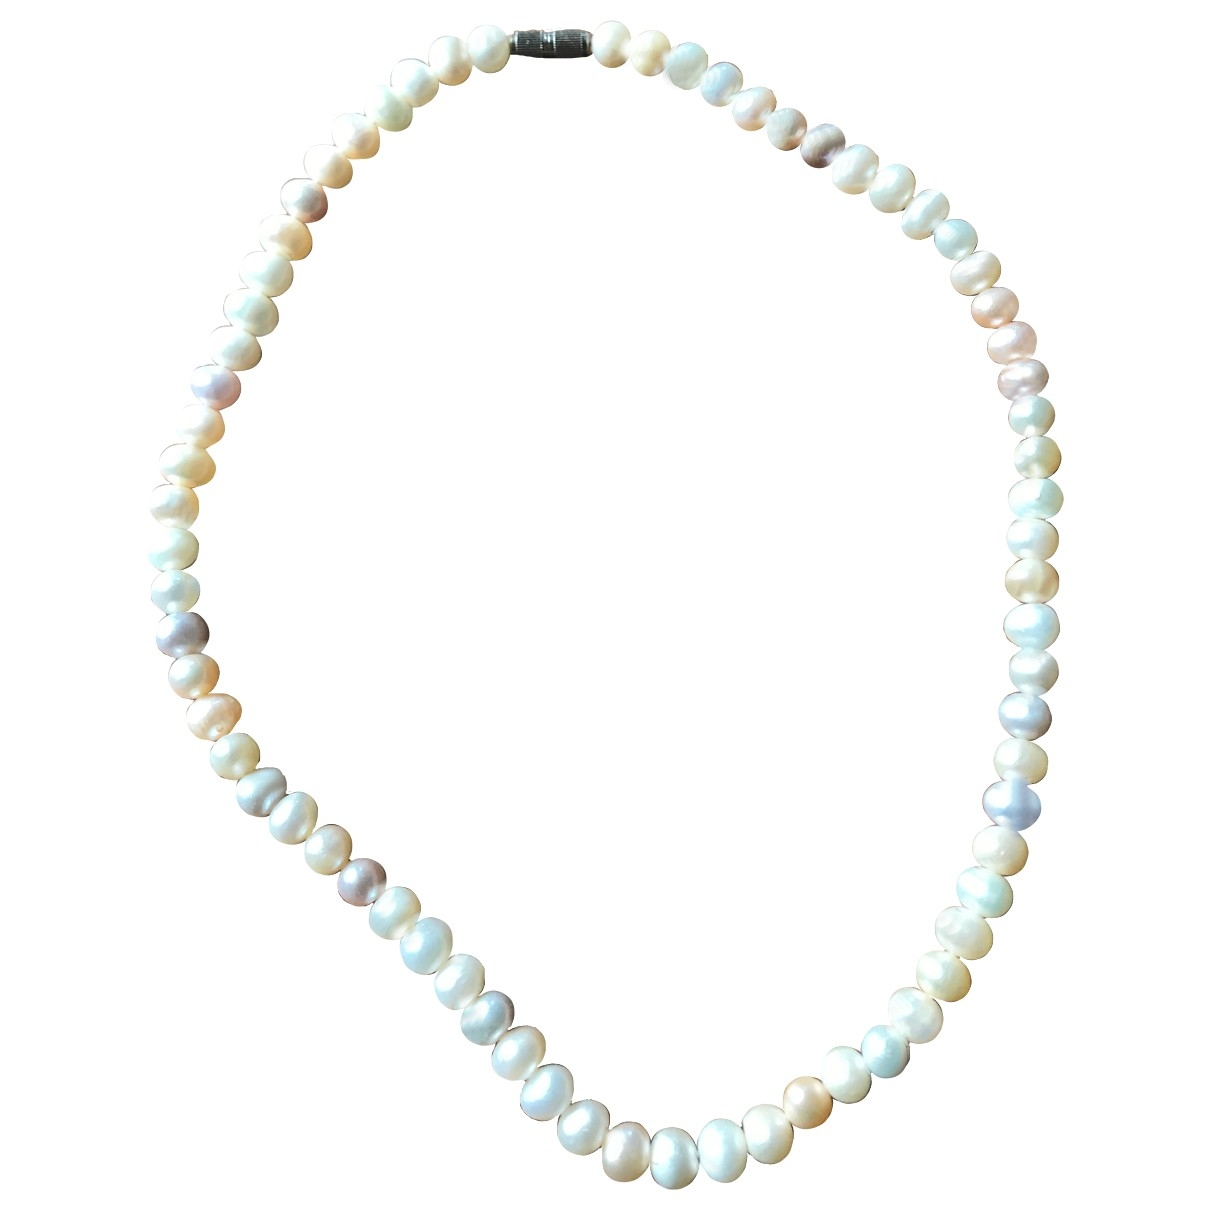 Collar Nacre de Perlas Non Signe / Unsigned